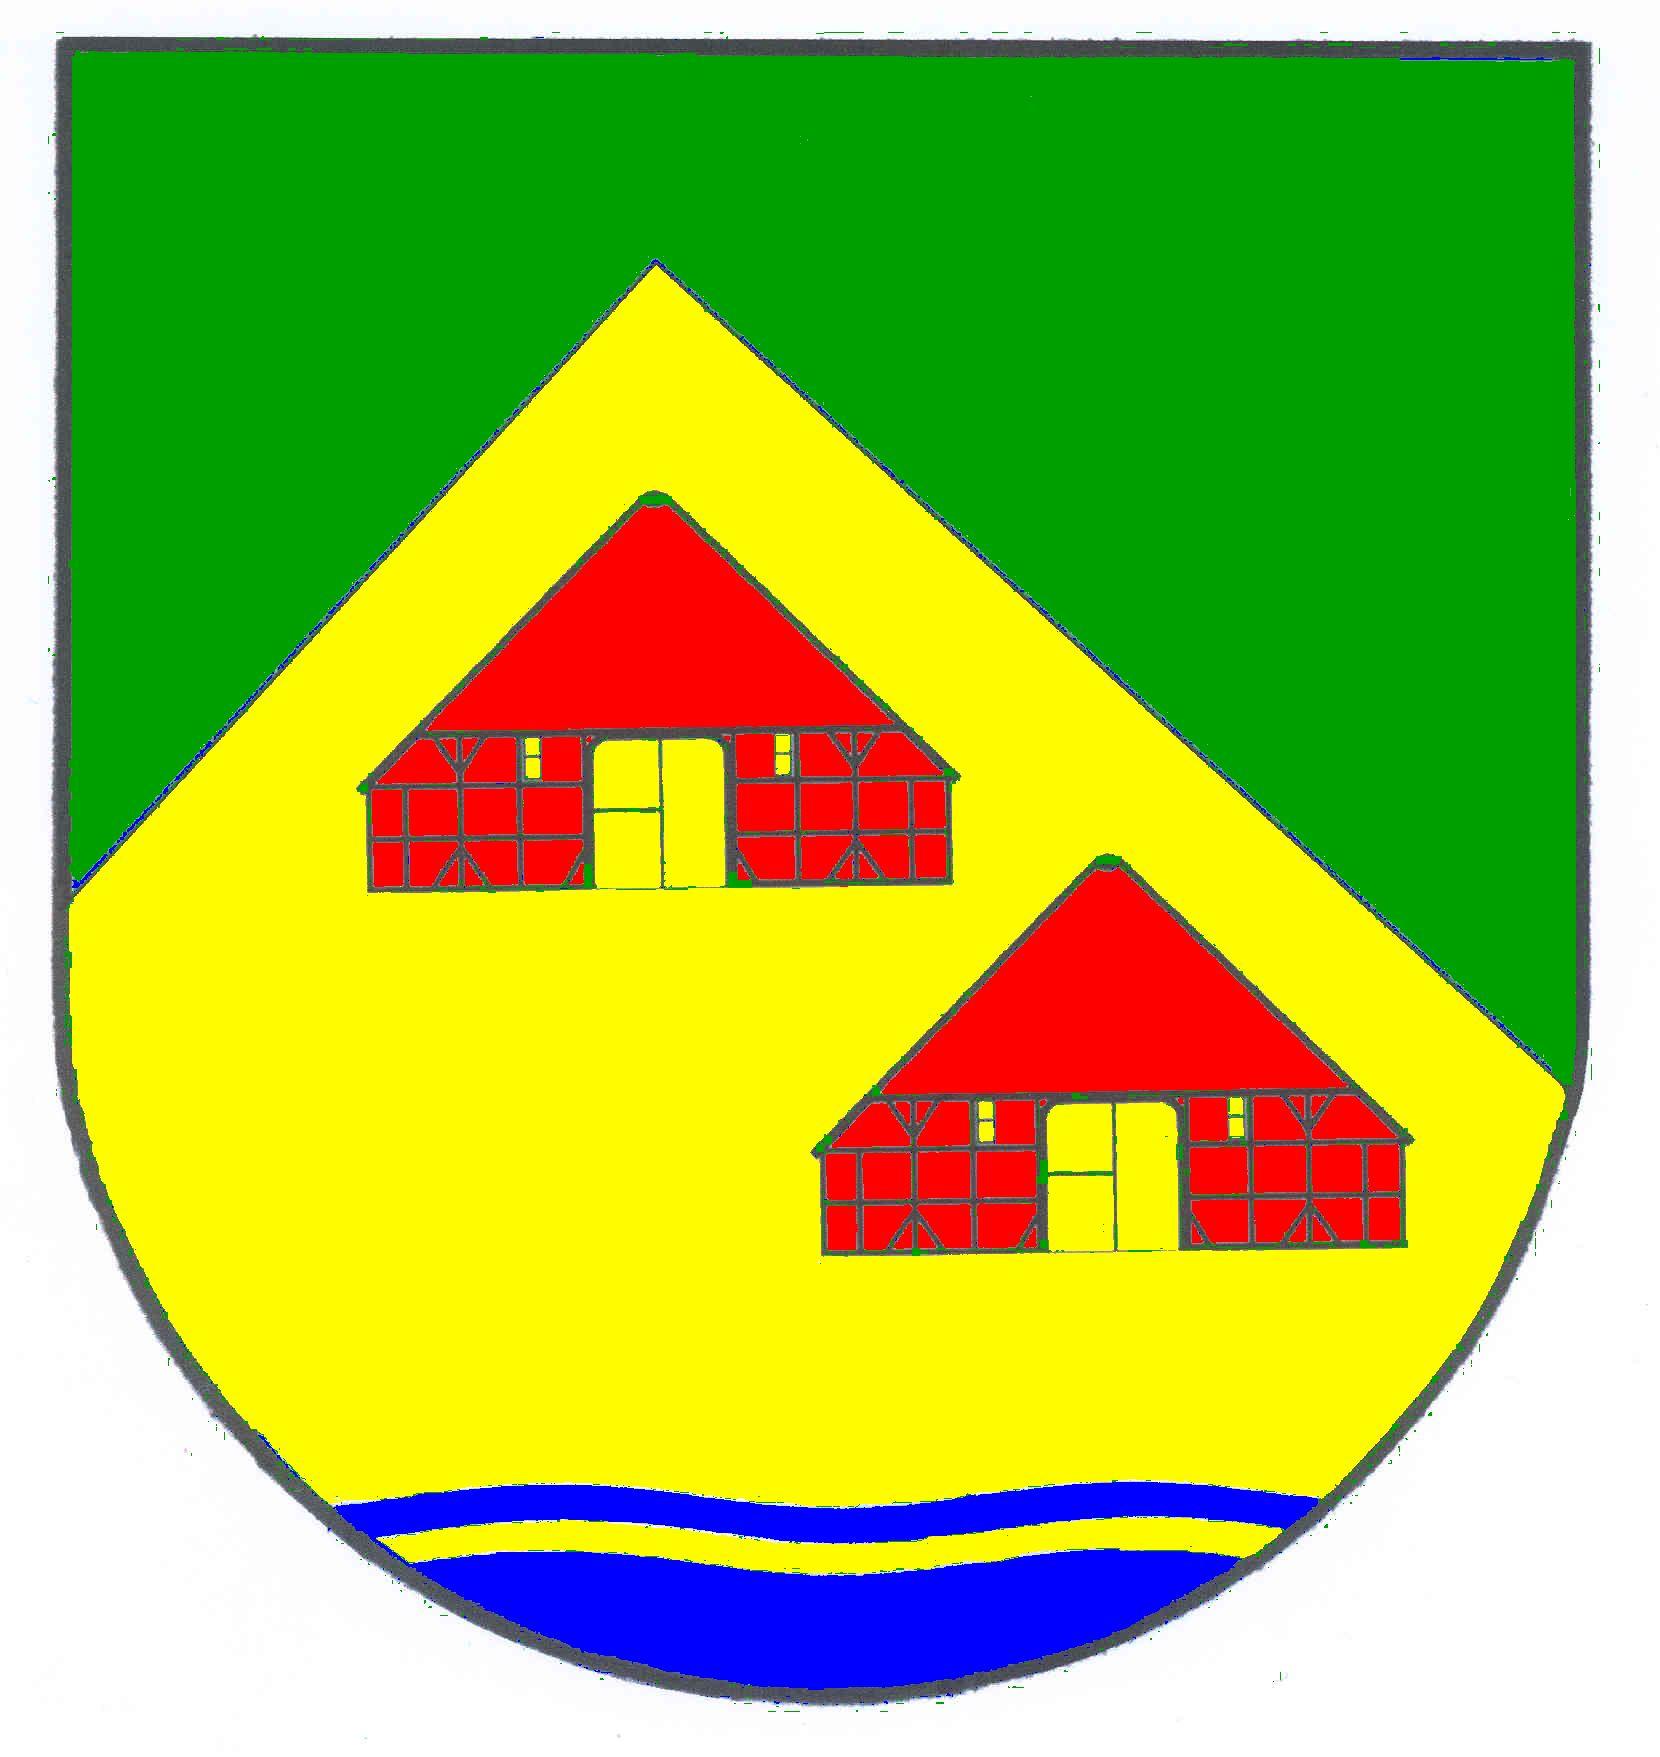 Wappen GemeindeWinnert, Kreis Nordfriesland